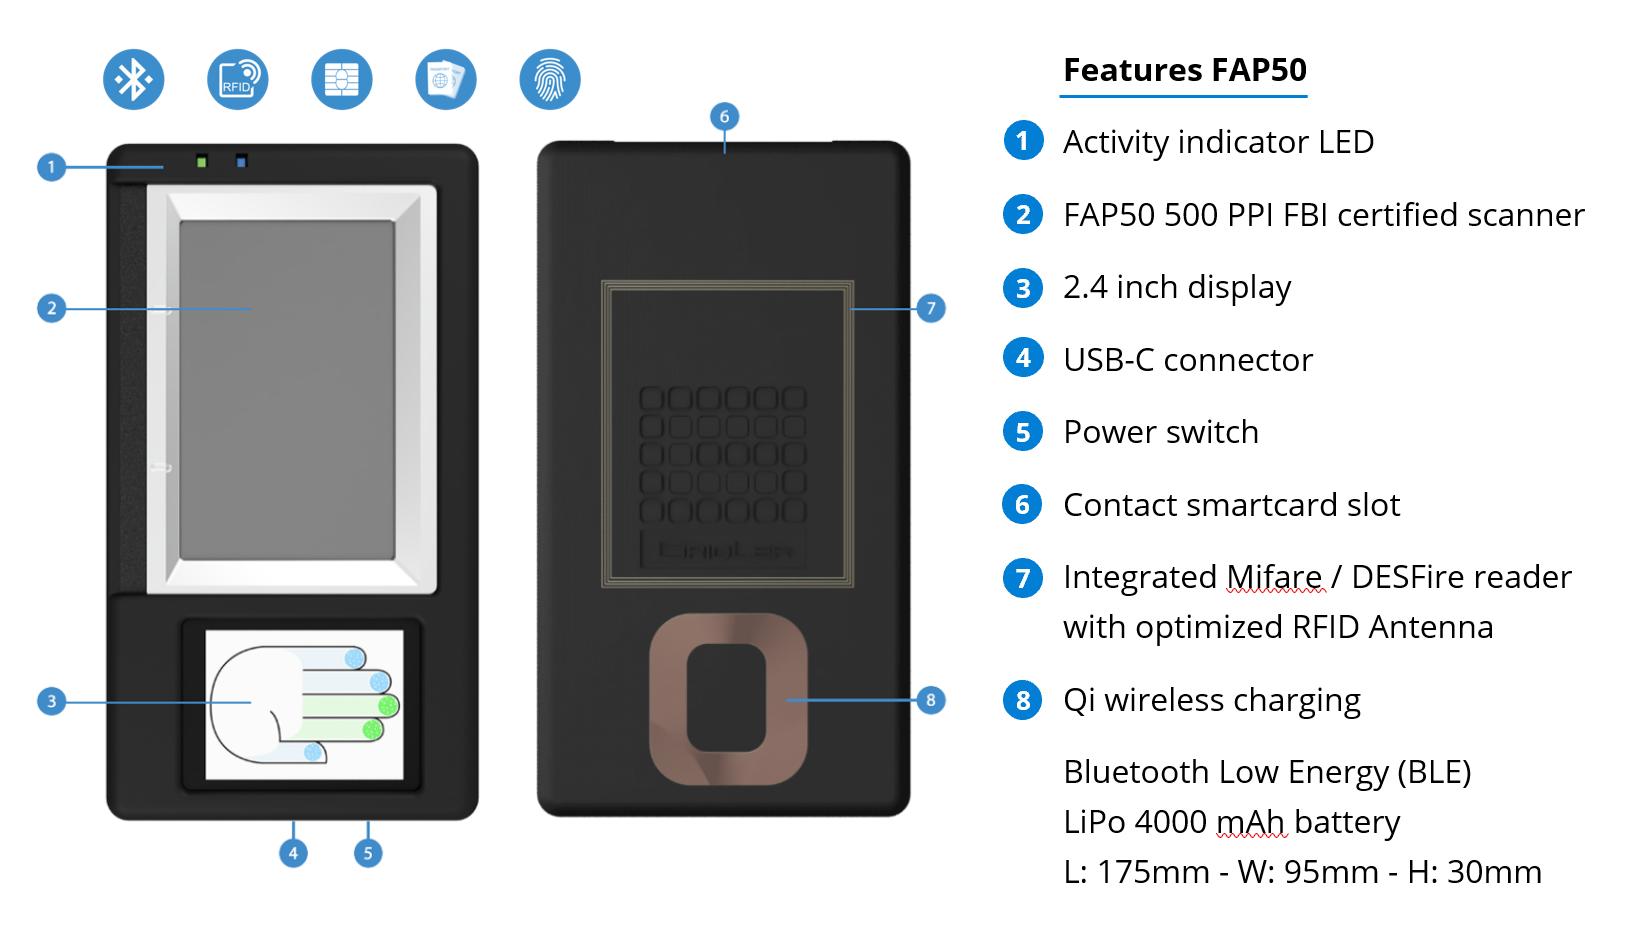 features-imatch-fap50